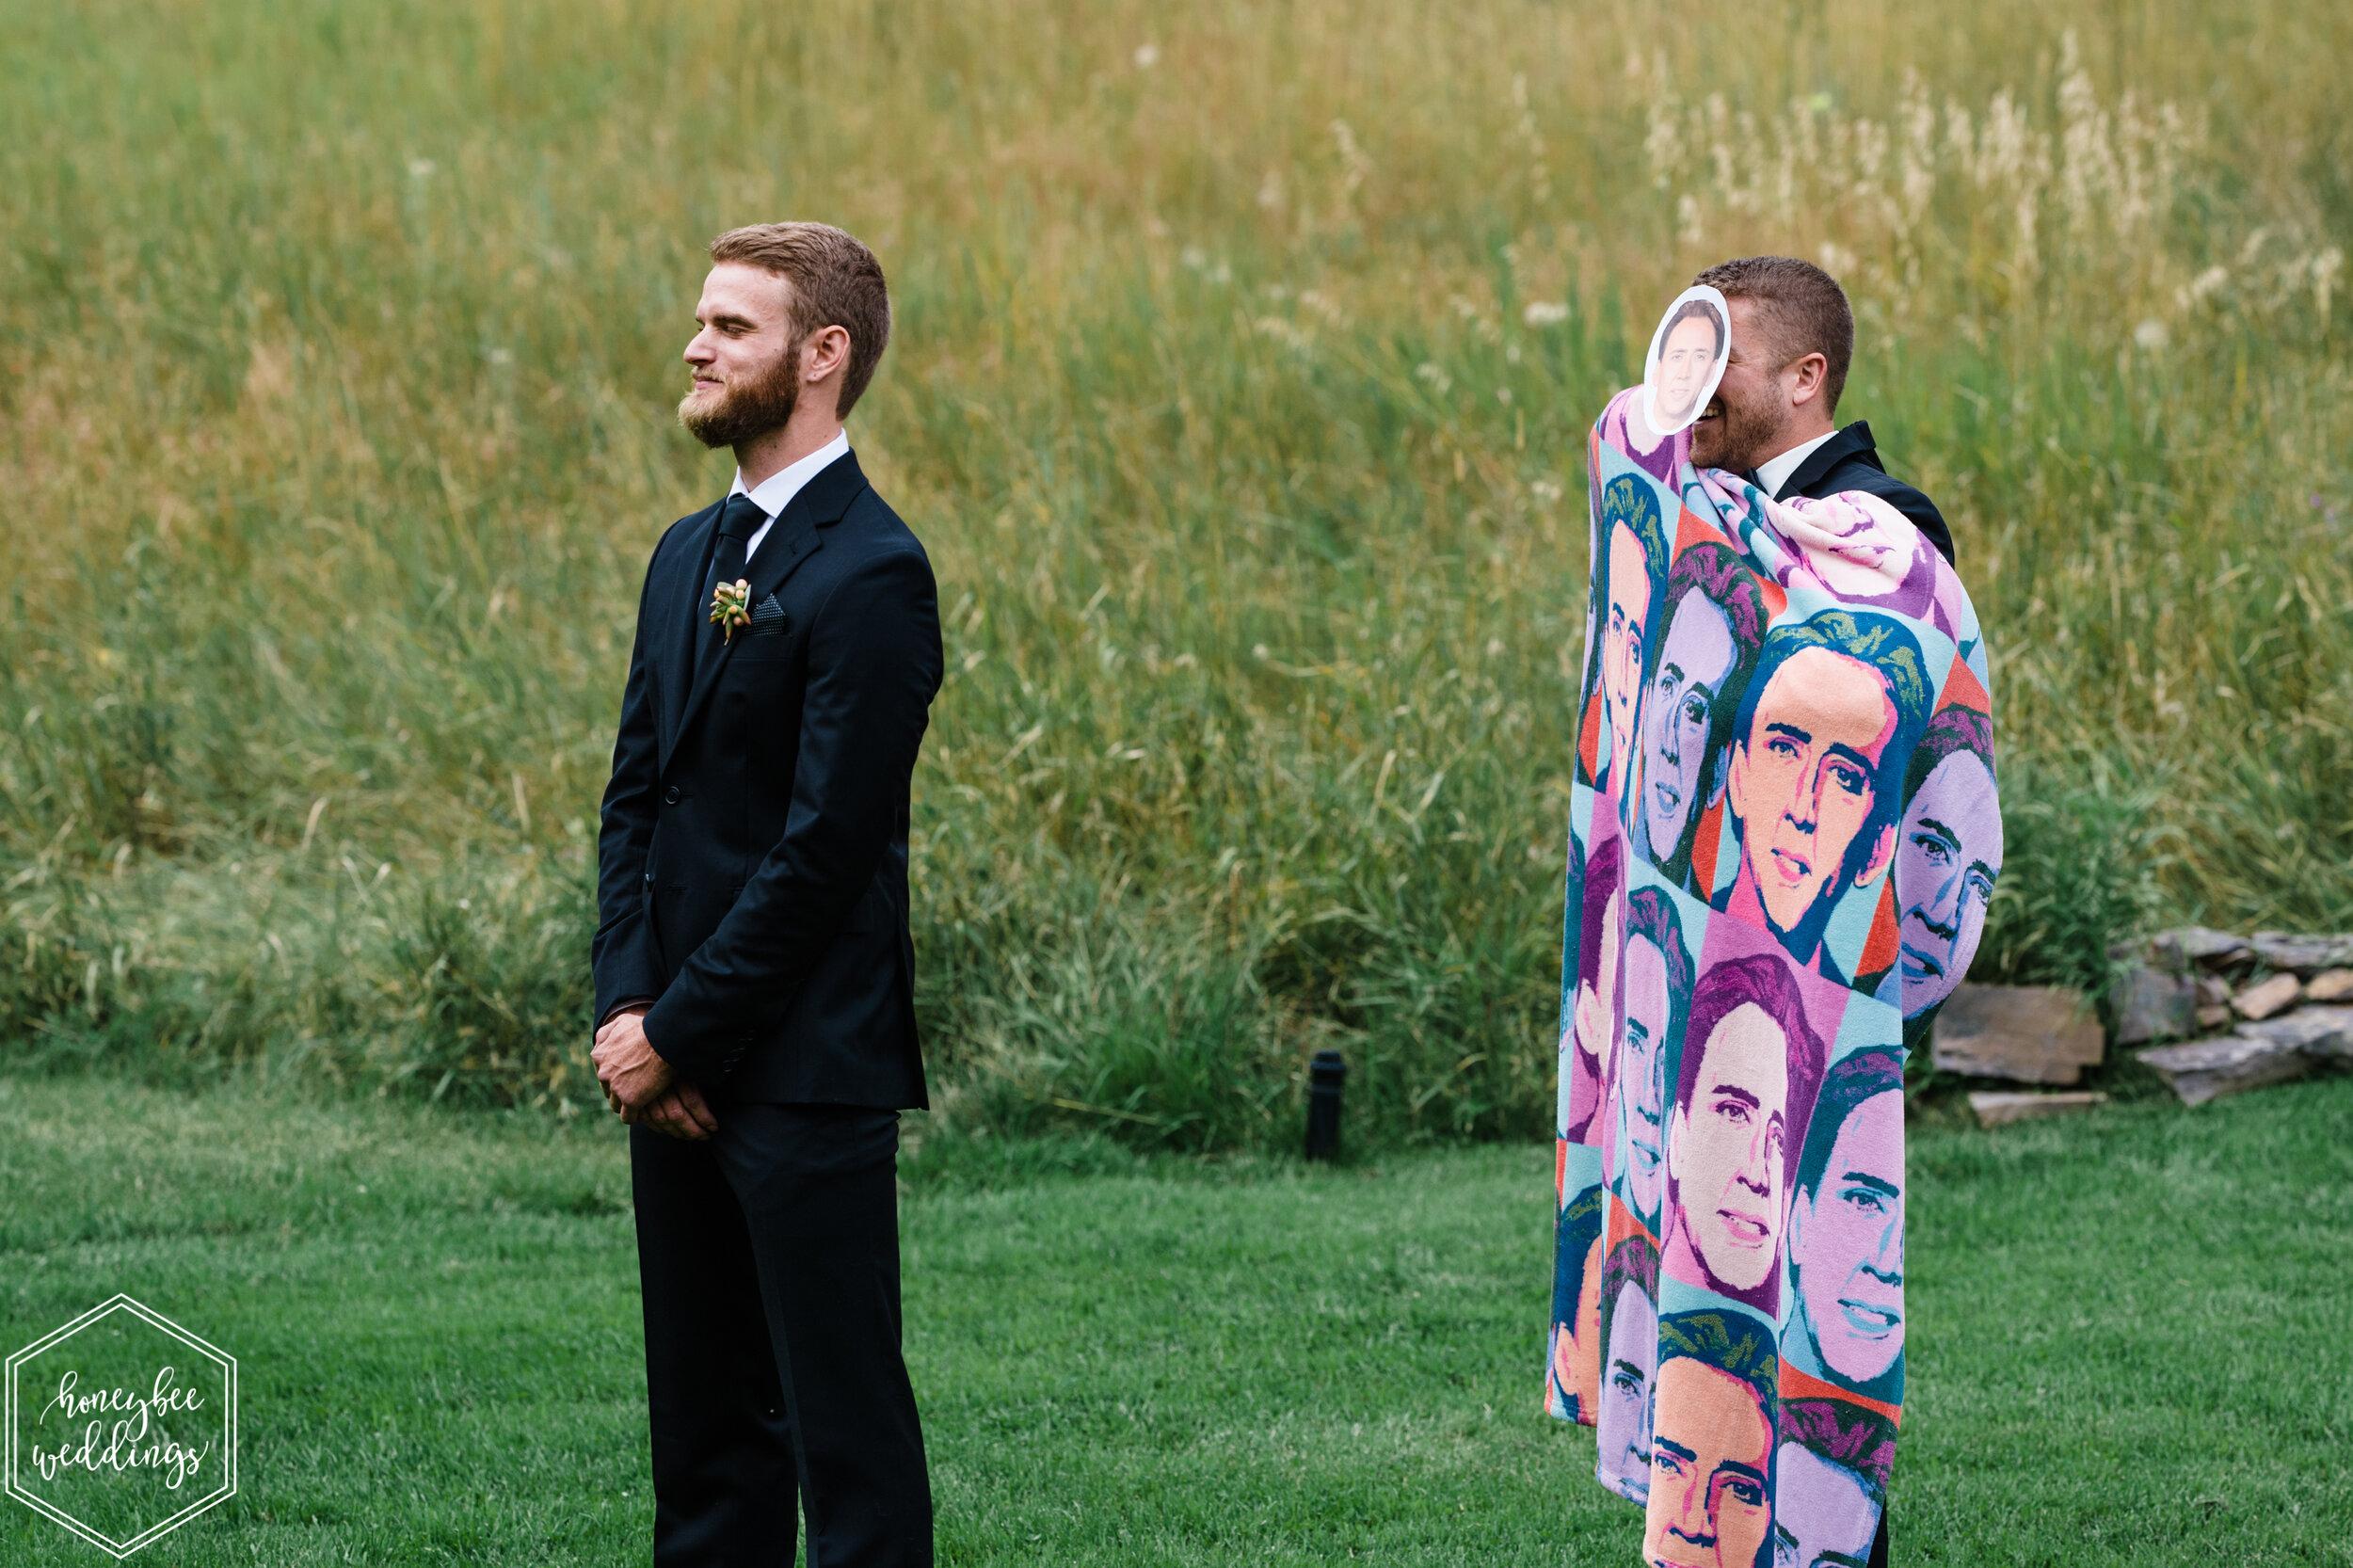 021White Raven Wedding_Montana Wedding Photographer_Corey & Corey_Honeybee Weddings_September 06, 2019-2064.jpg